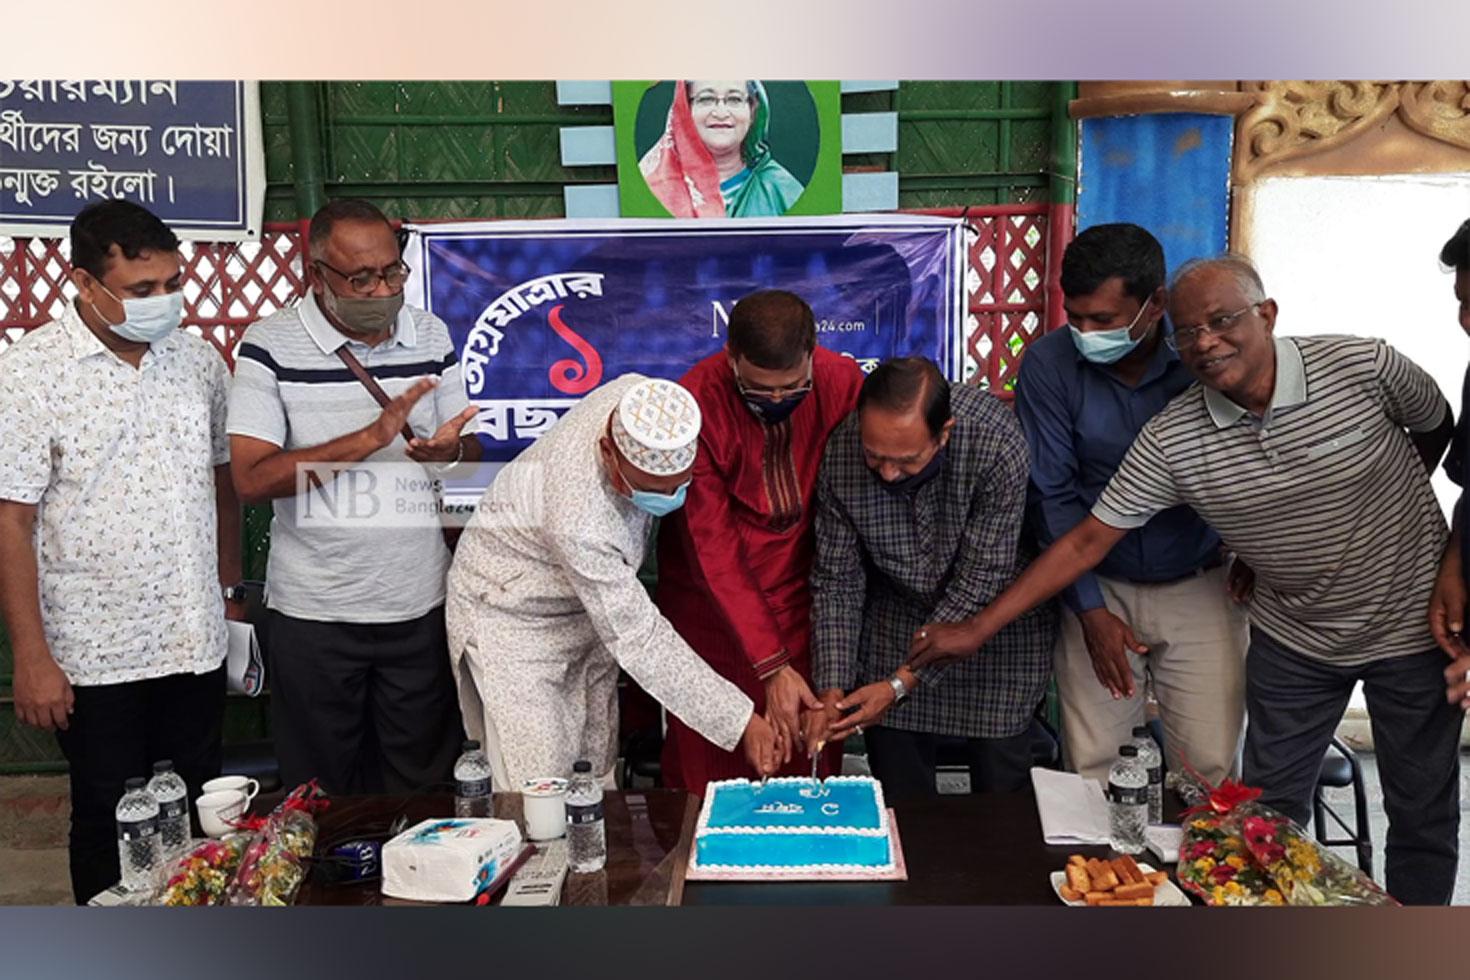 অনুসন্ধানী সাংবাদিকতায় অনন্য নিউজবাংলা: কুষ্টিয়ায় বিশিষ্টজনরা